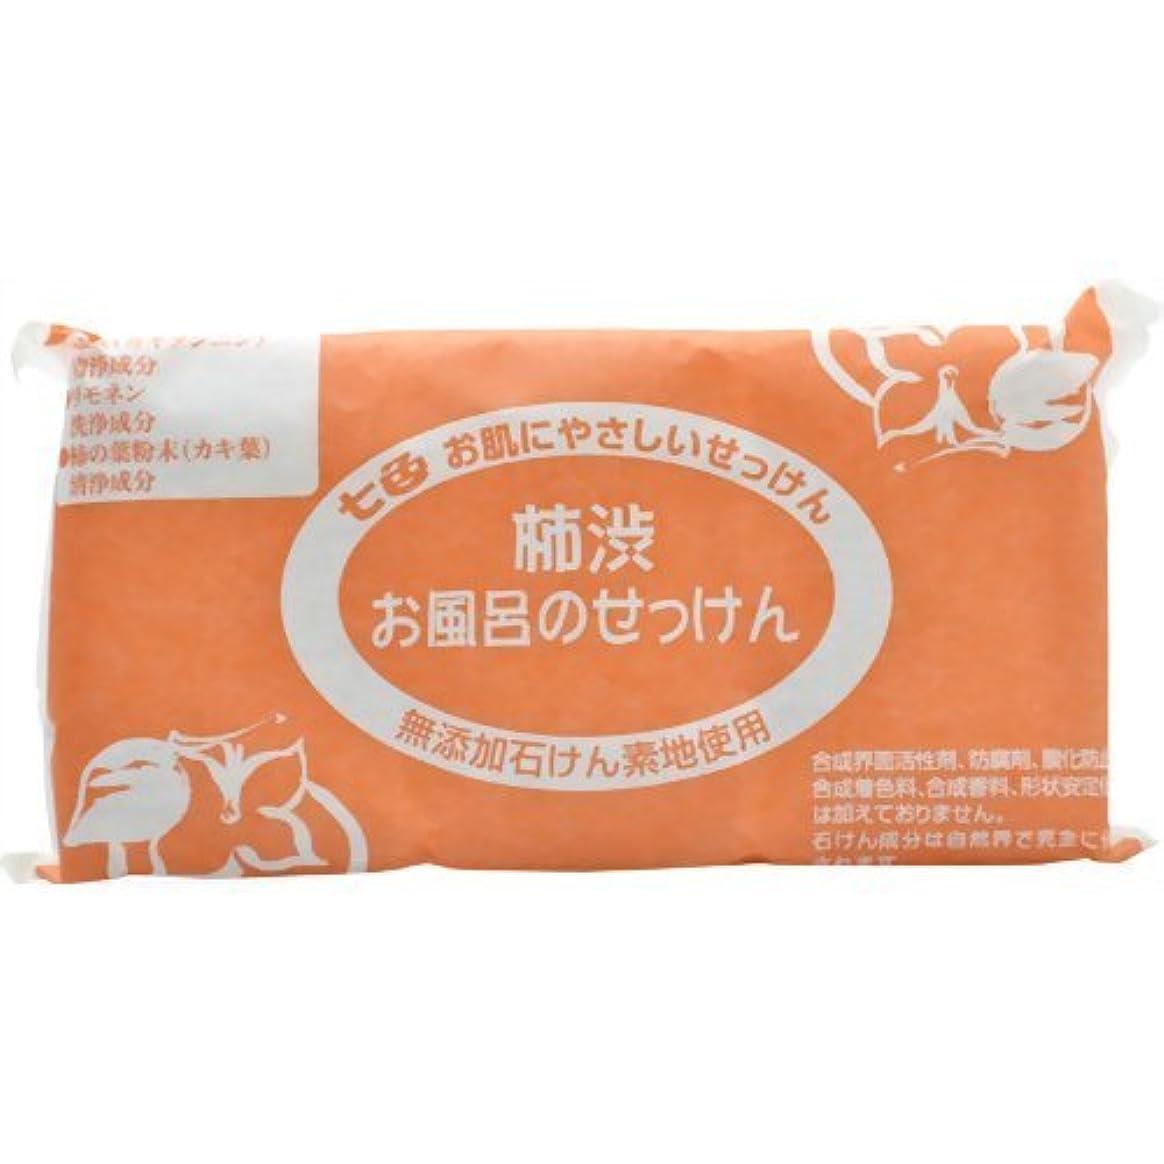 出口パッケージコミットメント七色 お風呂のせっけん 柿渋(無添加石鹸) 100g×3個入